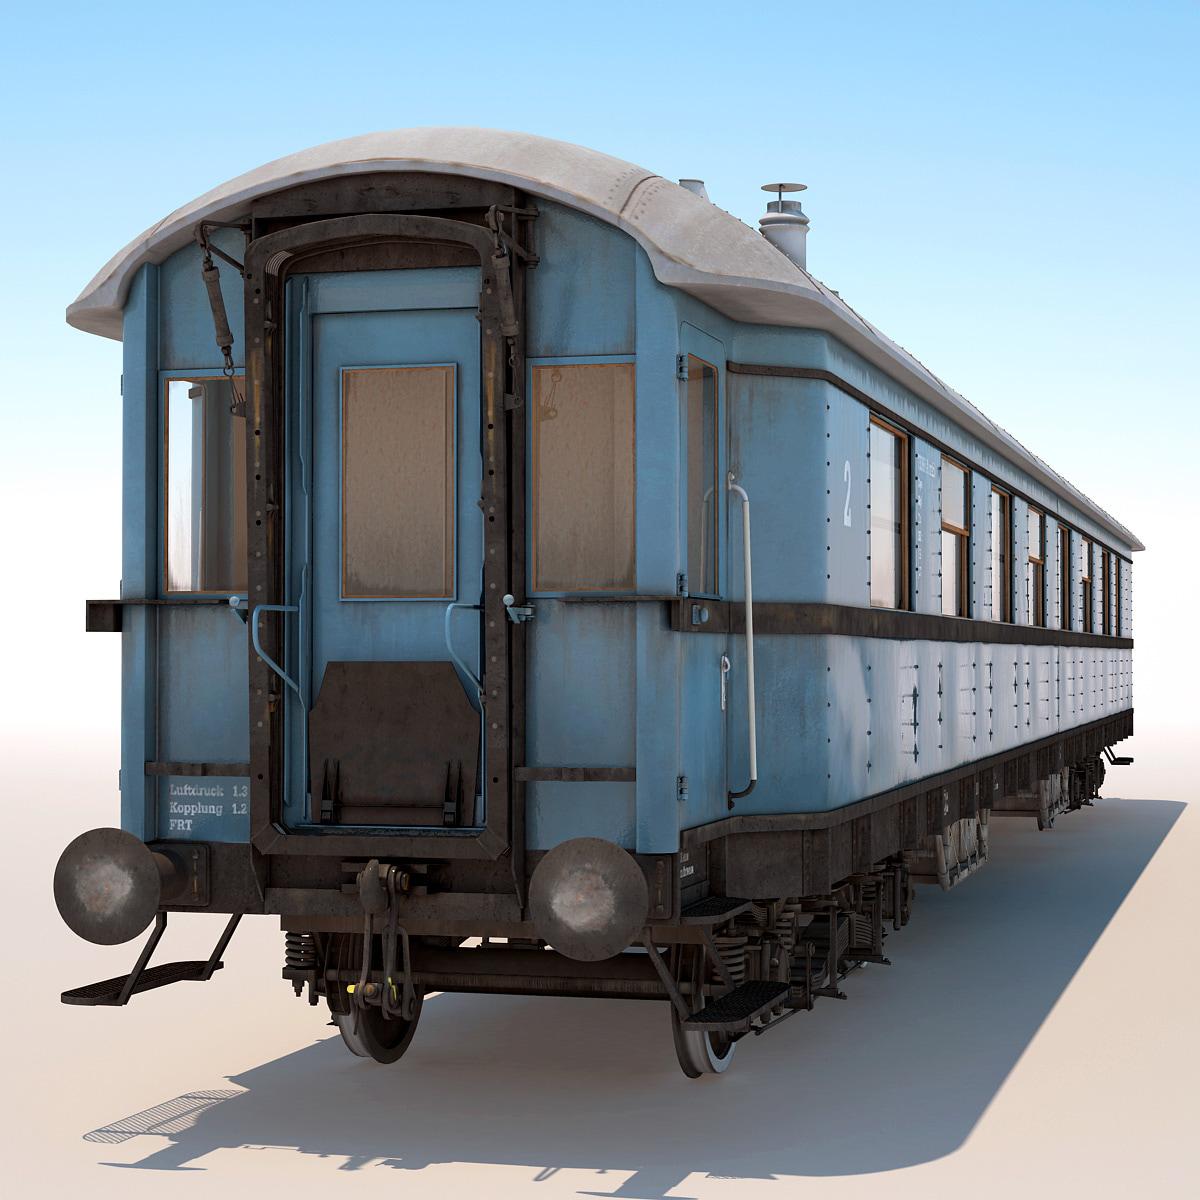 Old_Passenger_Train_V2_001.jpg